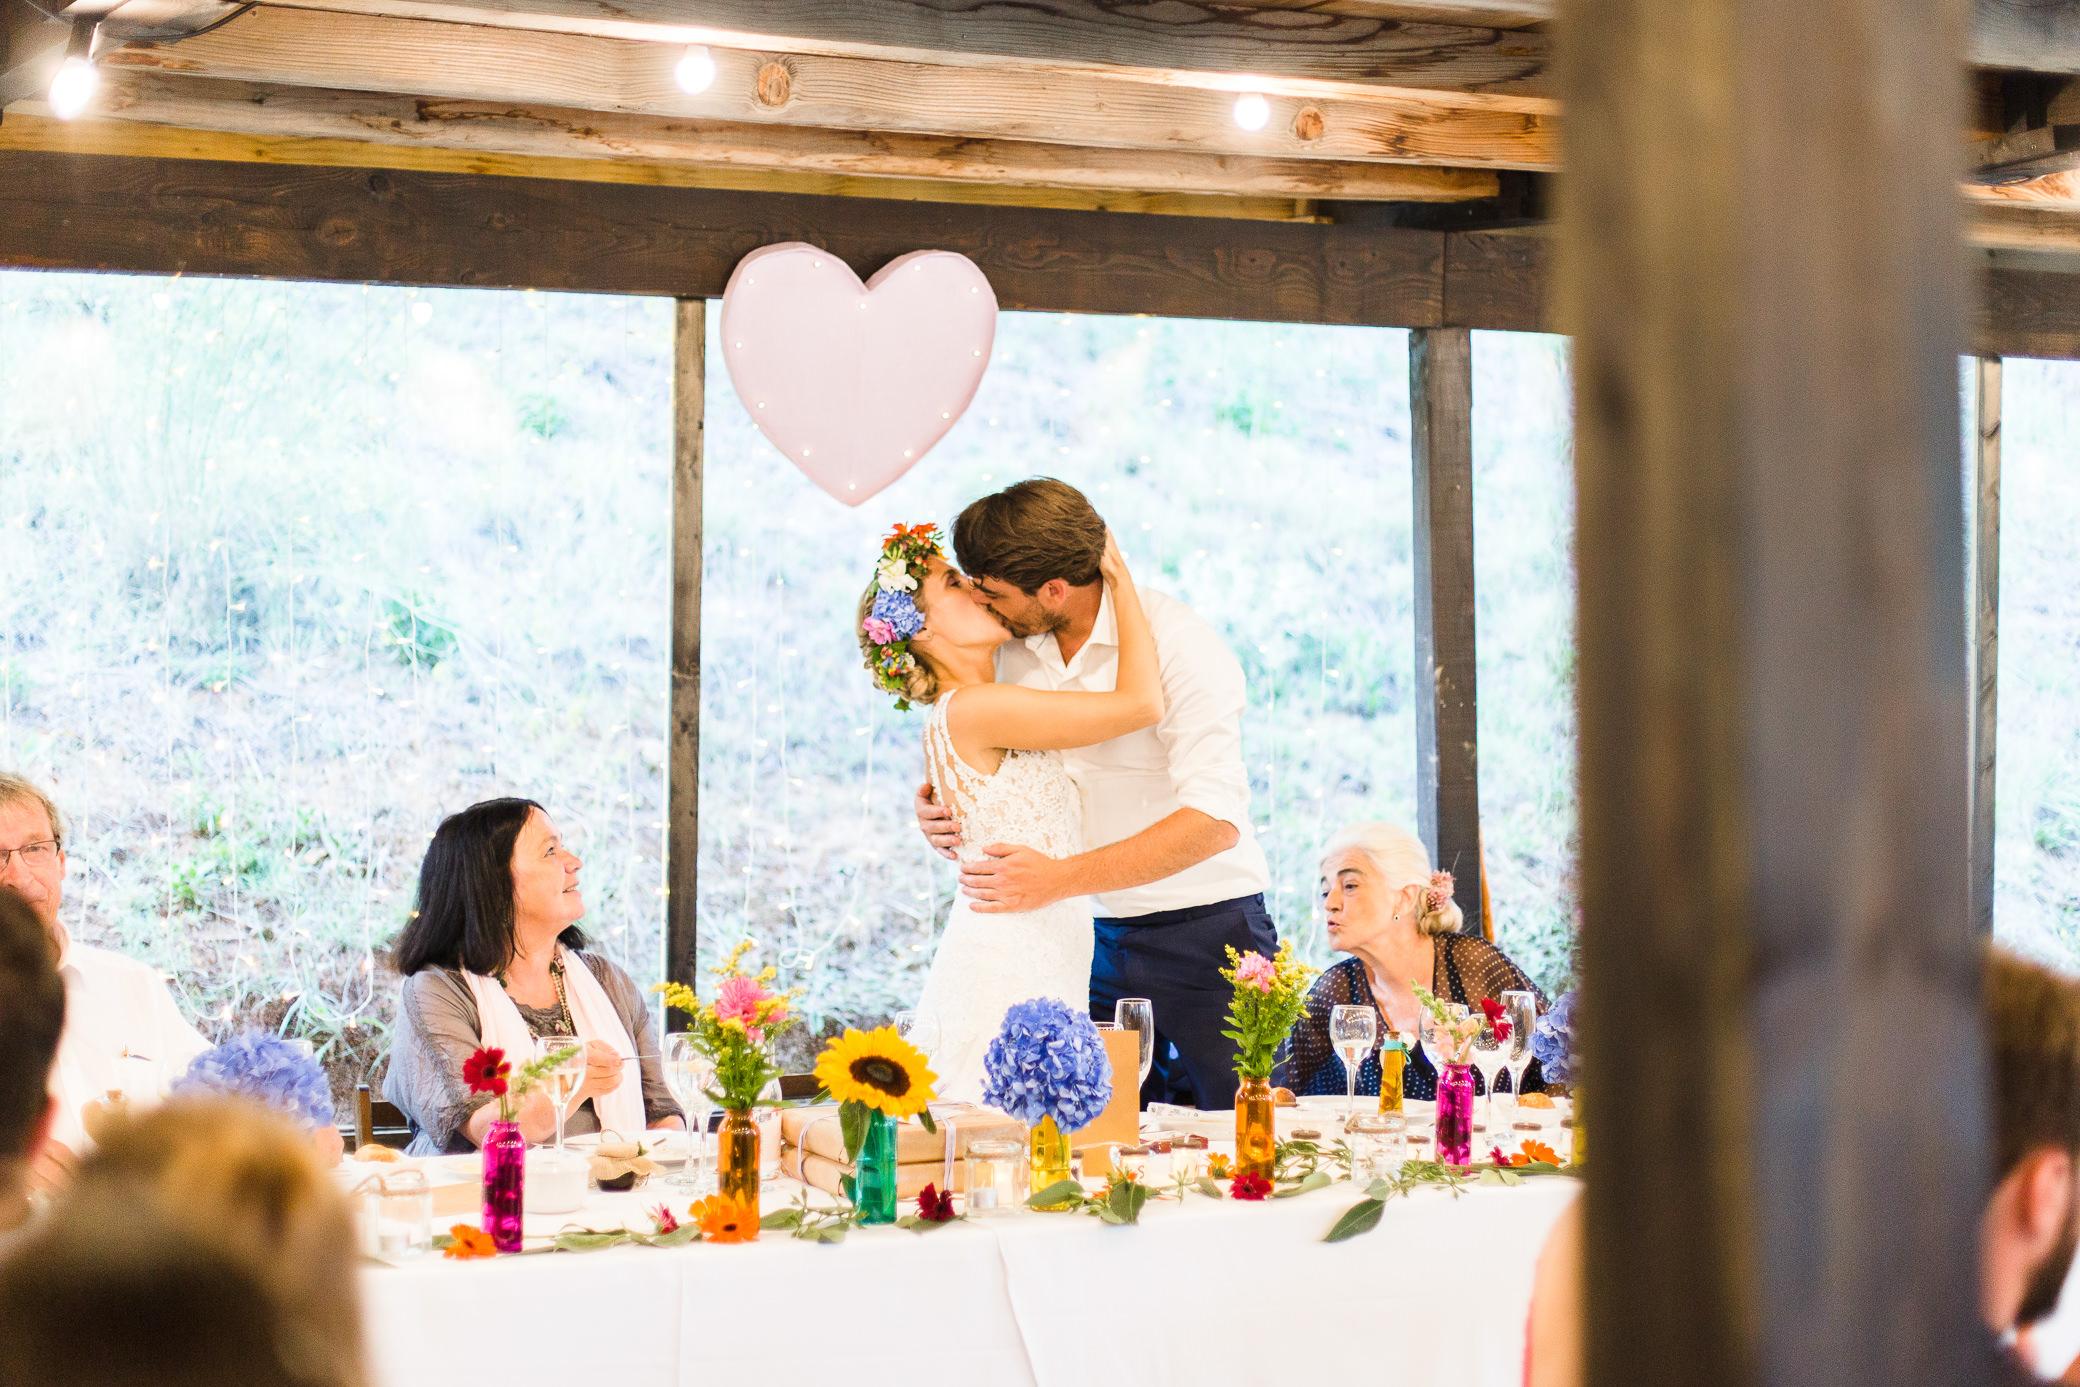 boda-olot-mas-can-batlle-destination-wedding-photografeel-51.jpg